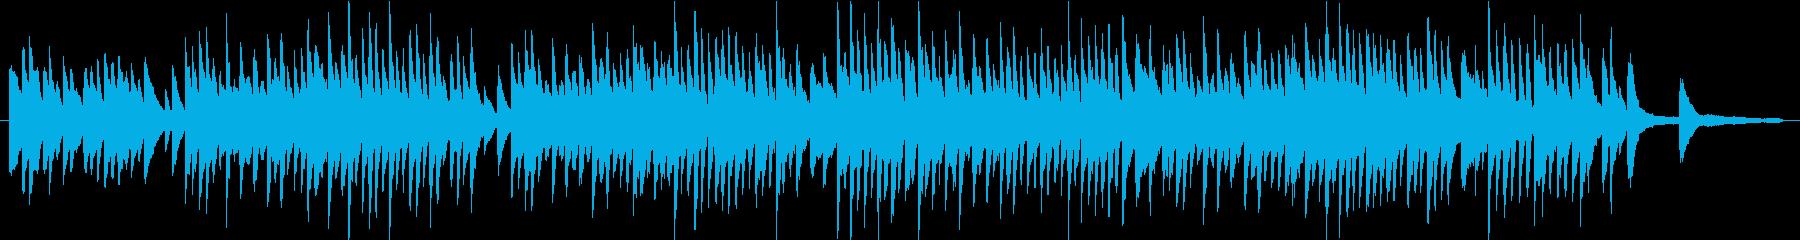 一日の始まりをイメージしたピアノソロの再生済みの波形